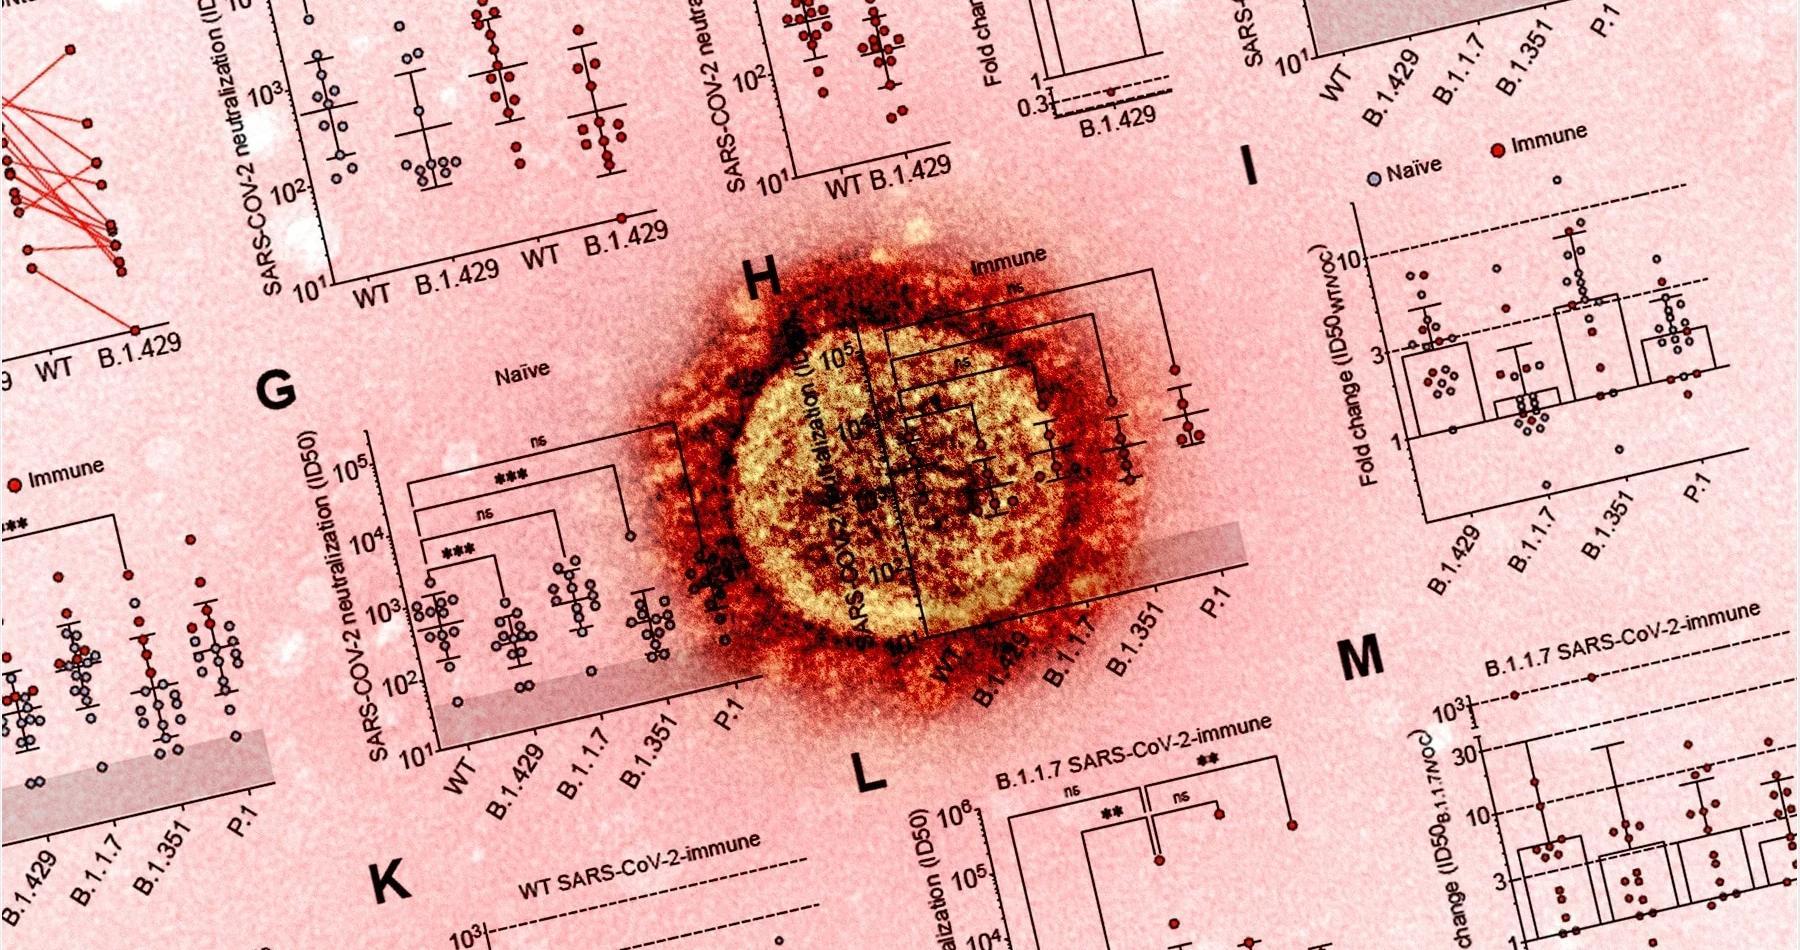 Плазма крови привитых вакциной Pfizer оказалась втрое слабее против «эпсилон-штамма» коронавируса